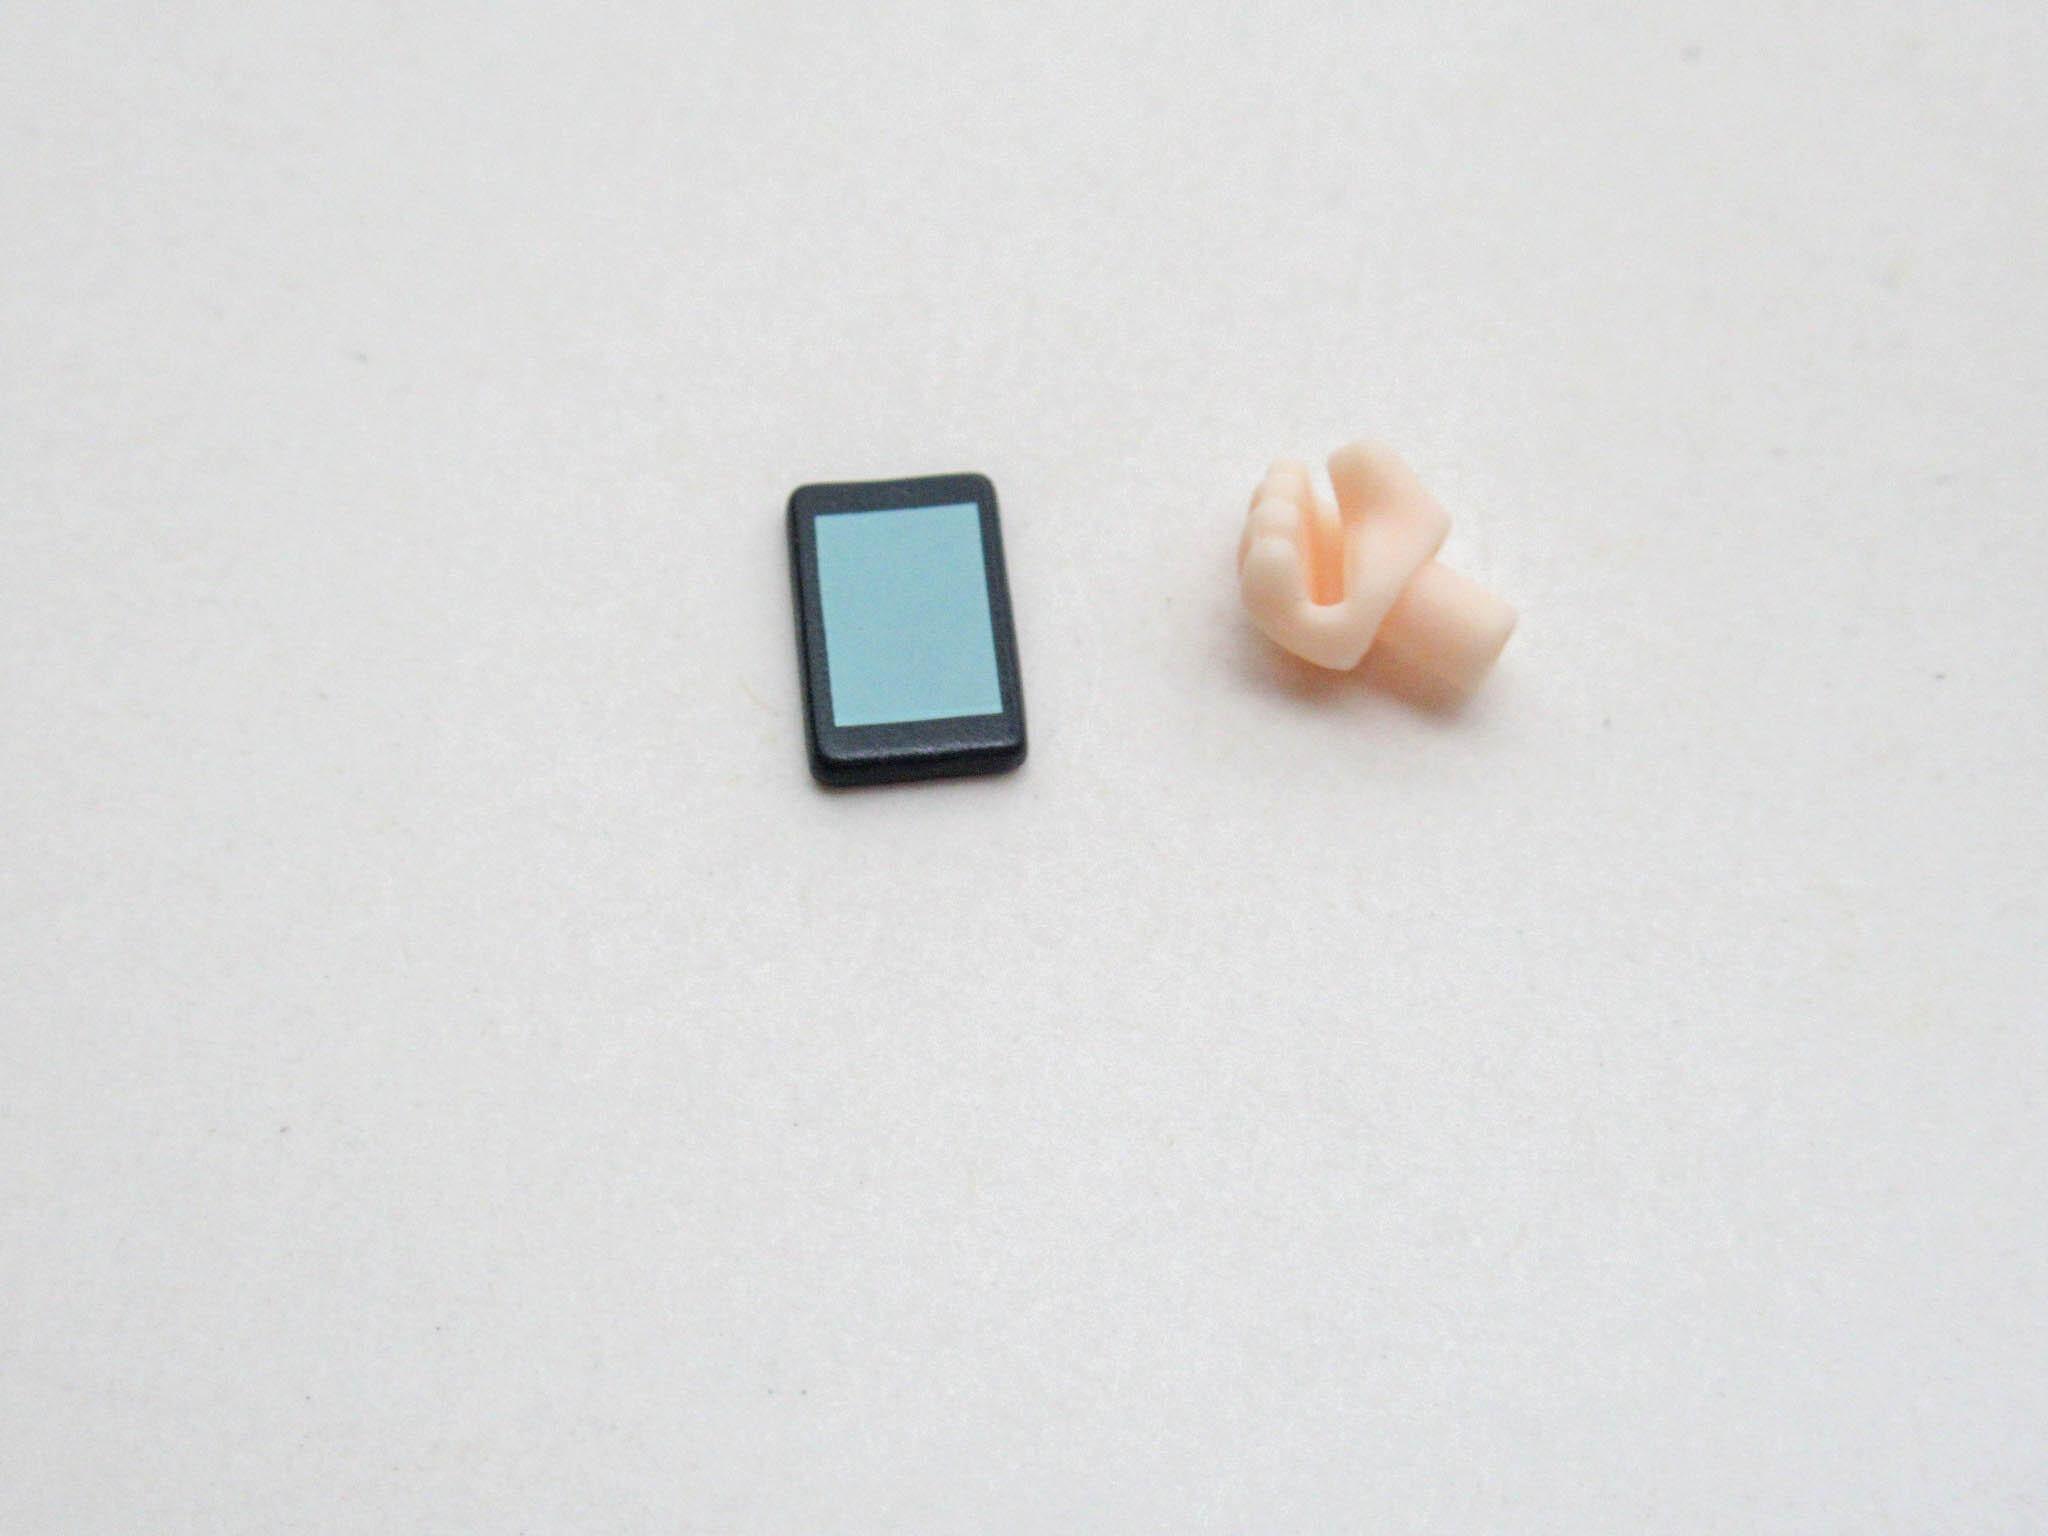 【1545】 バーサーカー/謎のヒロインX(オルタ) 小物パーツ 携帯端末 (A-ランク) ねんどろいど